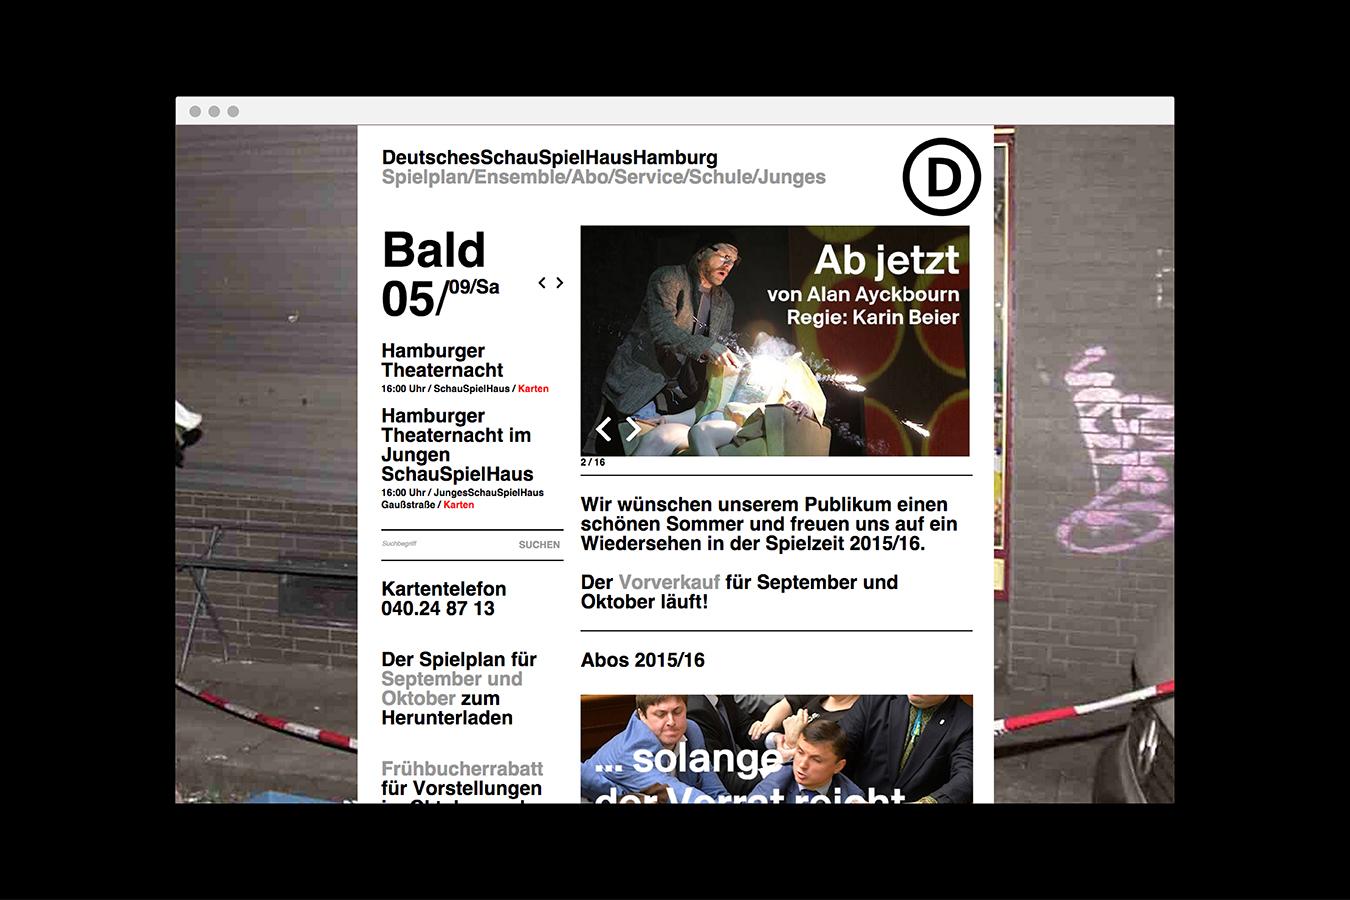 Deutsches Schauspielhaus Hamburg Webseite Home Branding